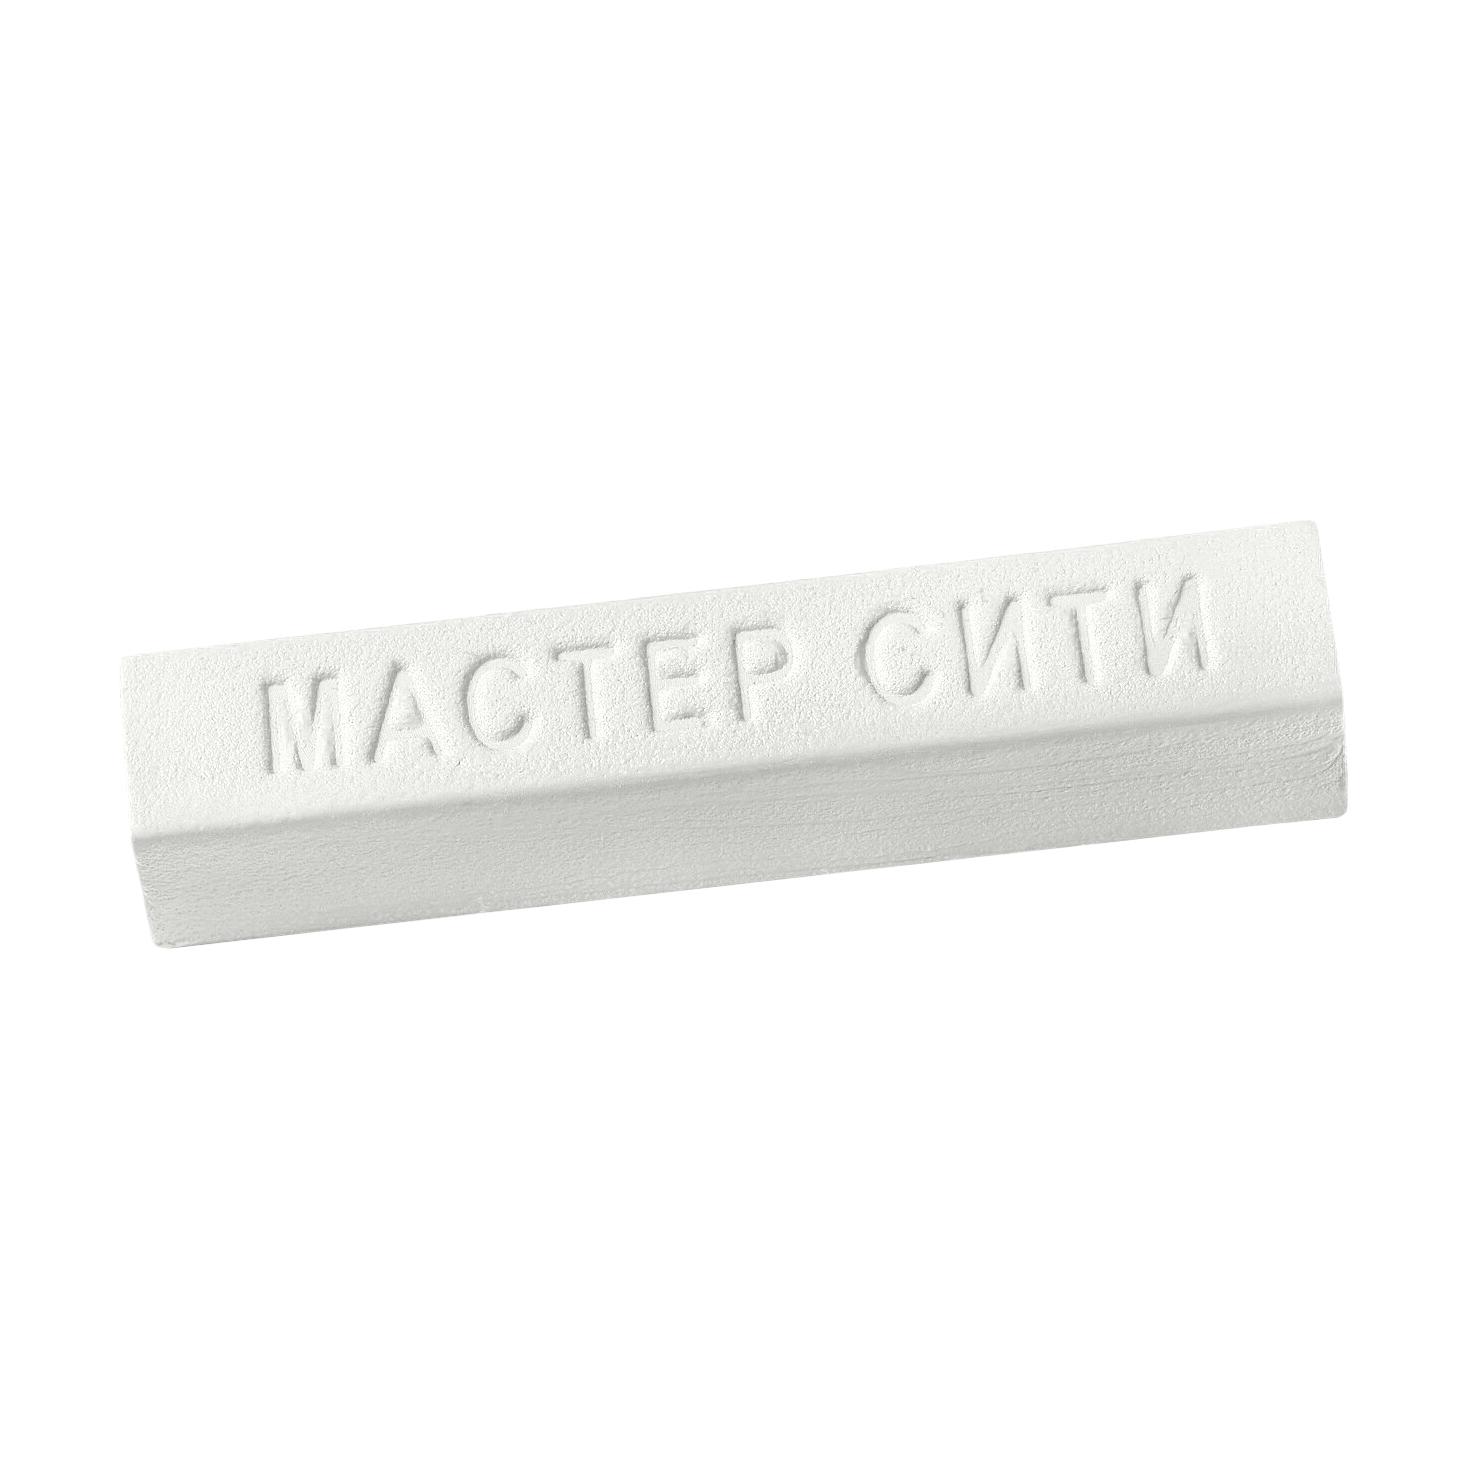 Воск мебельный Мастер сити Белый 002, 9г бита eurotex 031514 150 002